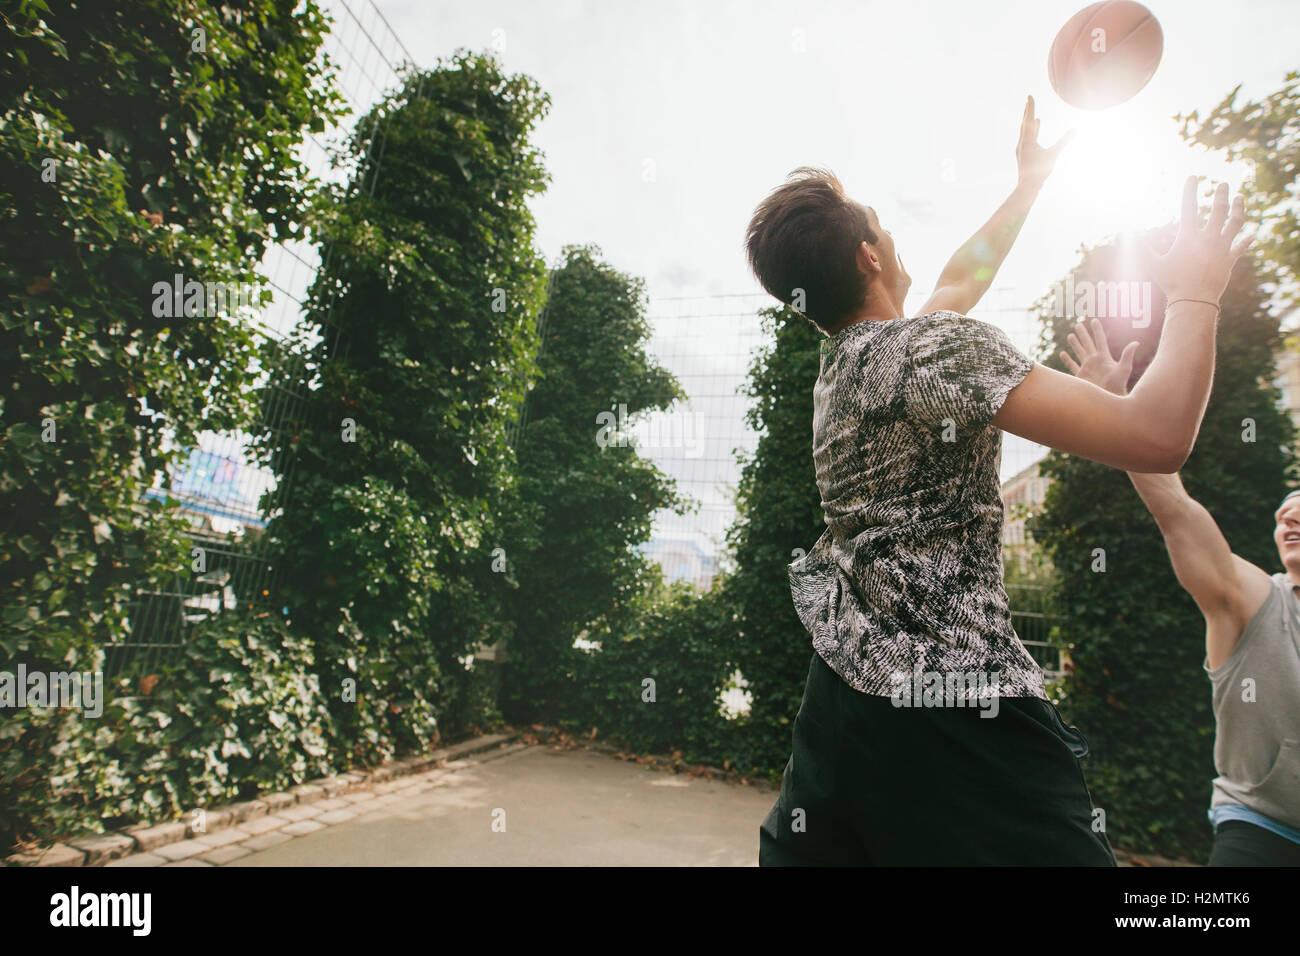 Les amis jouant au basket-ball l'un contre l'autre et s'amuser sur une cour. Deux jeunes hommes jouant Photo Stock